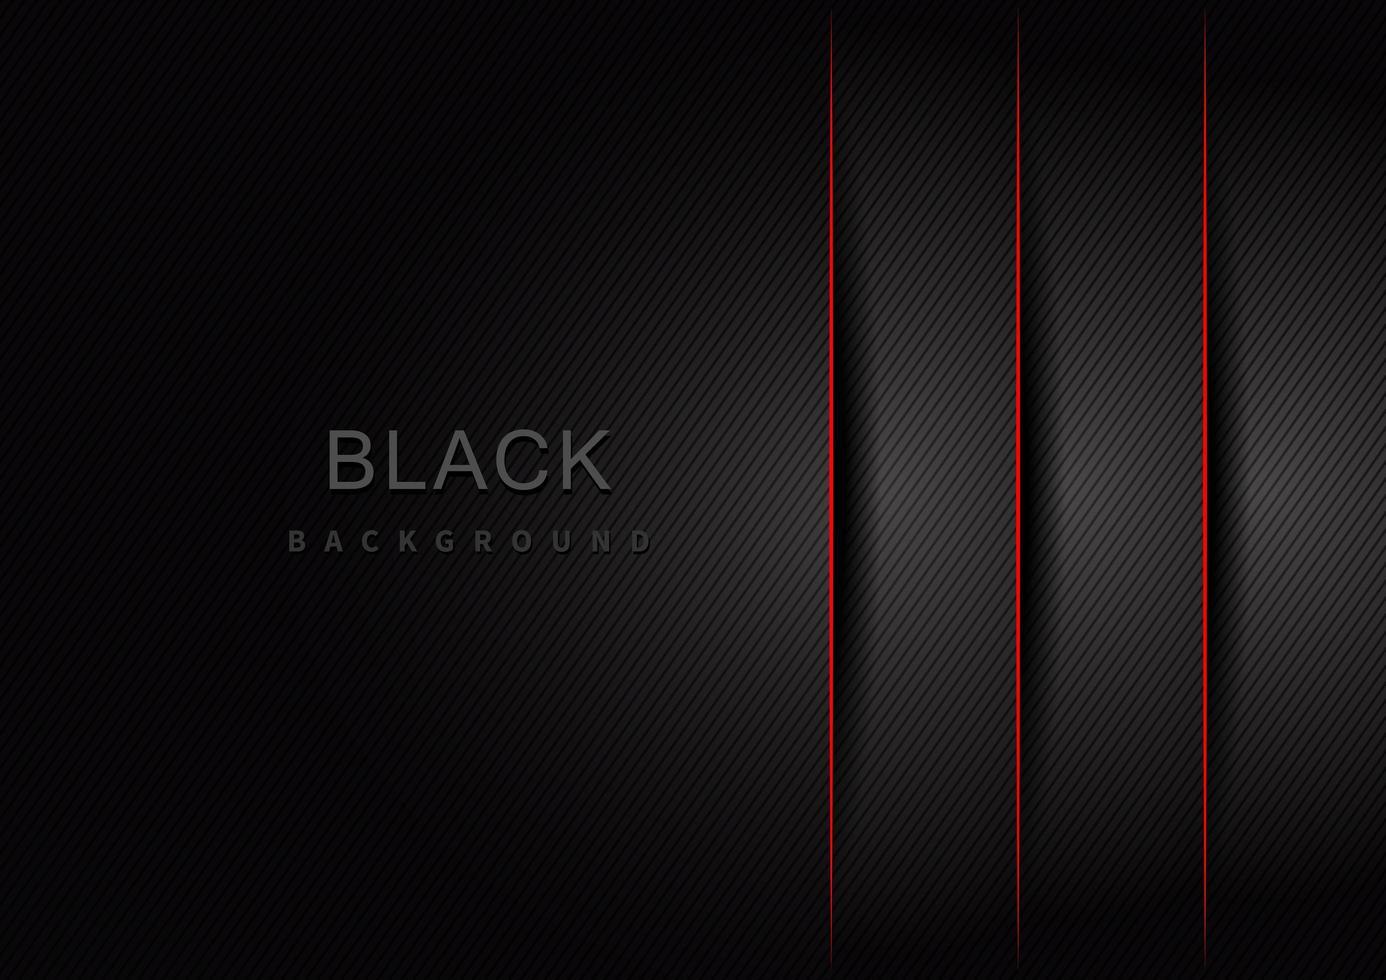 camadas gradientes pretas e cinza listradas com sombras e borda vermelha vetor